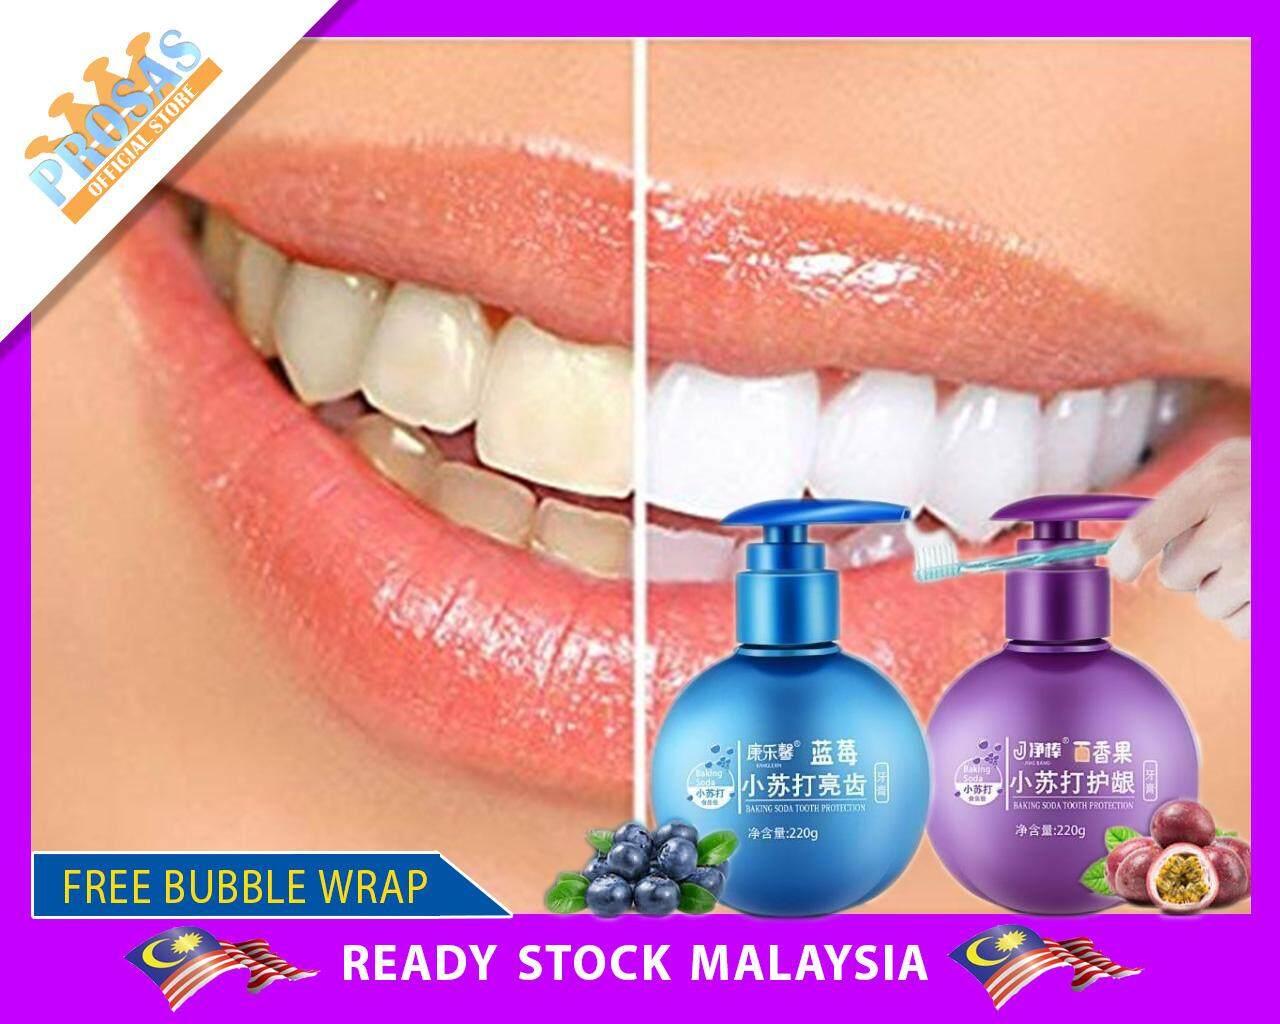 Pemutih Gigi Baking Soda Whitening Toothpaste Blueberry & Passion Fruit